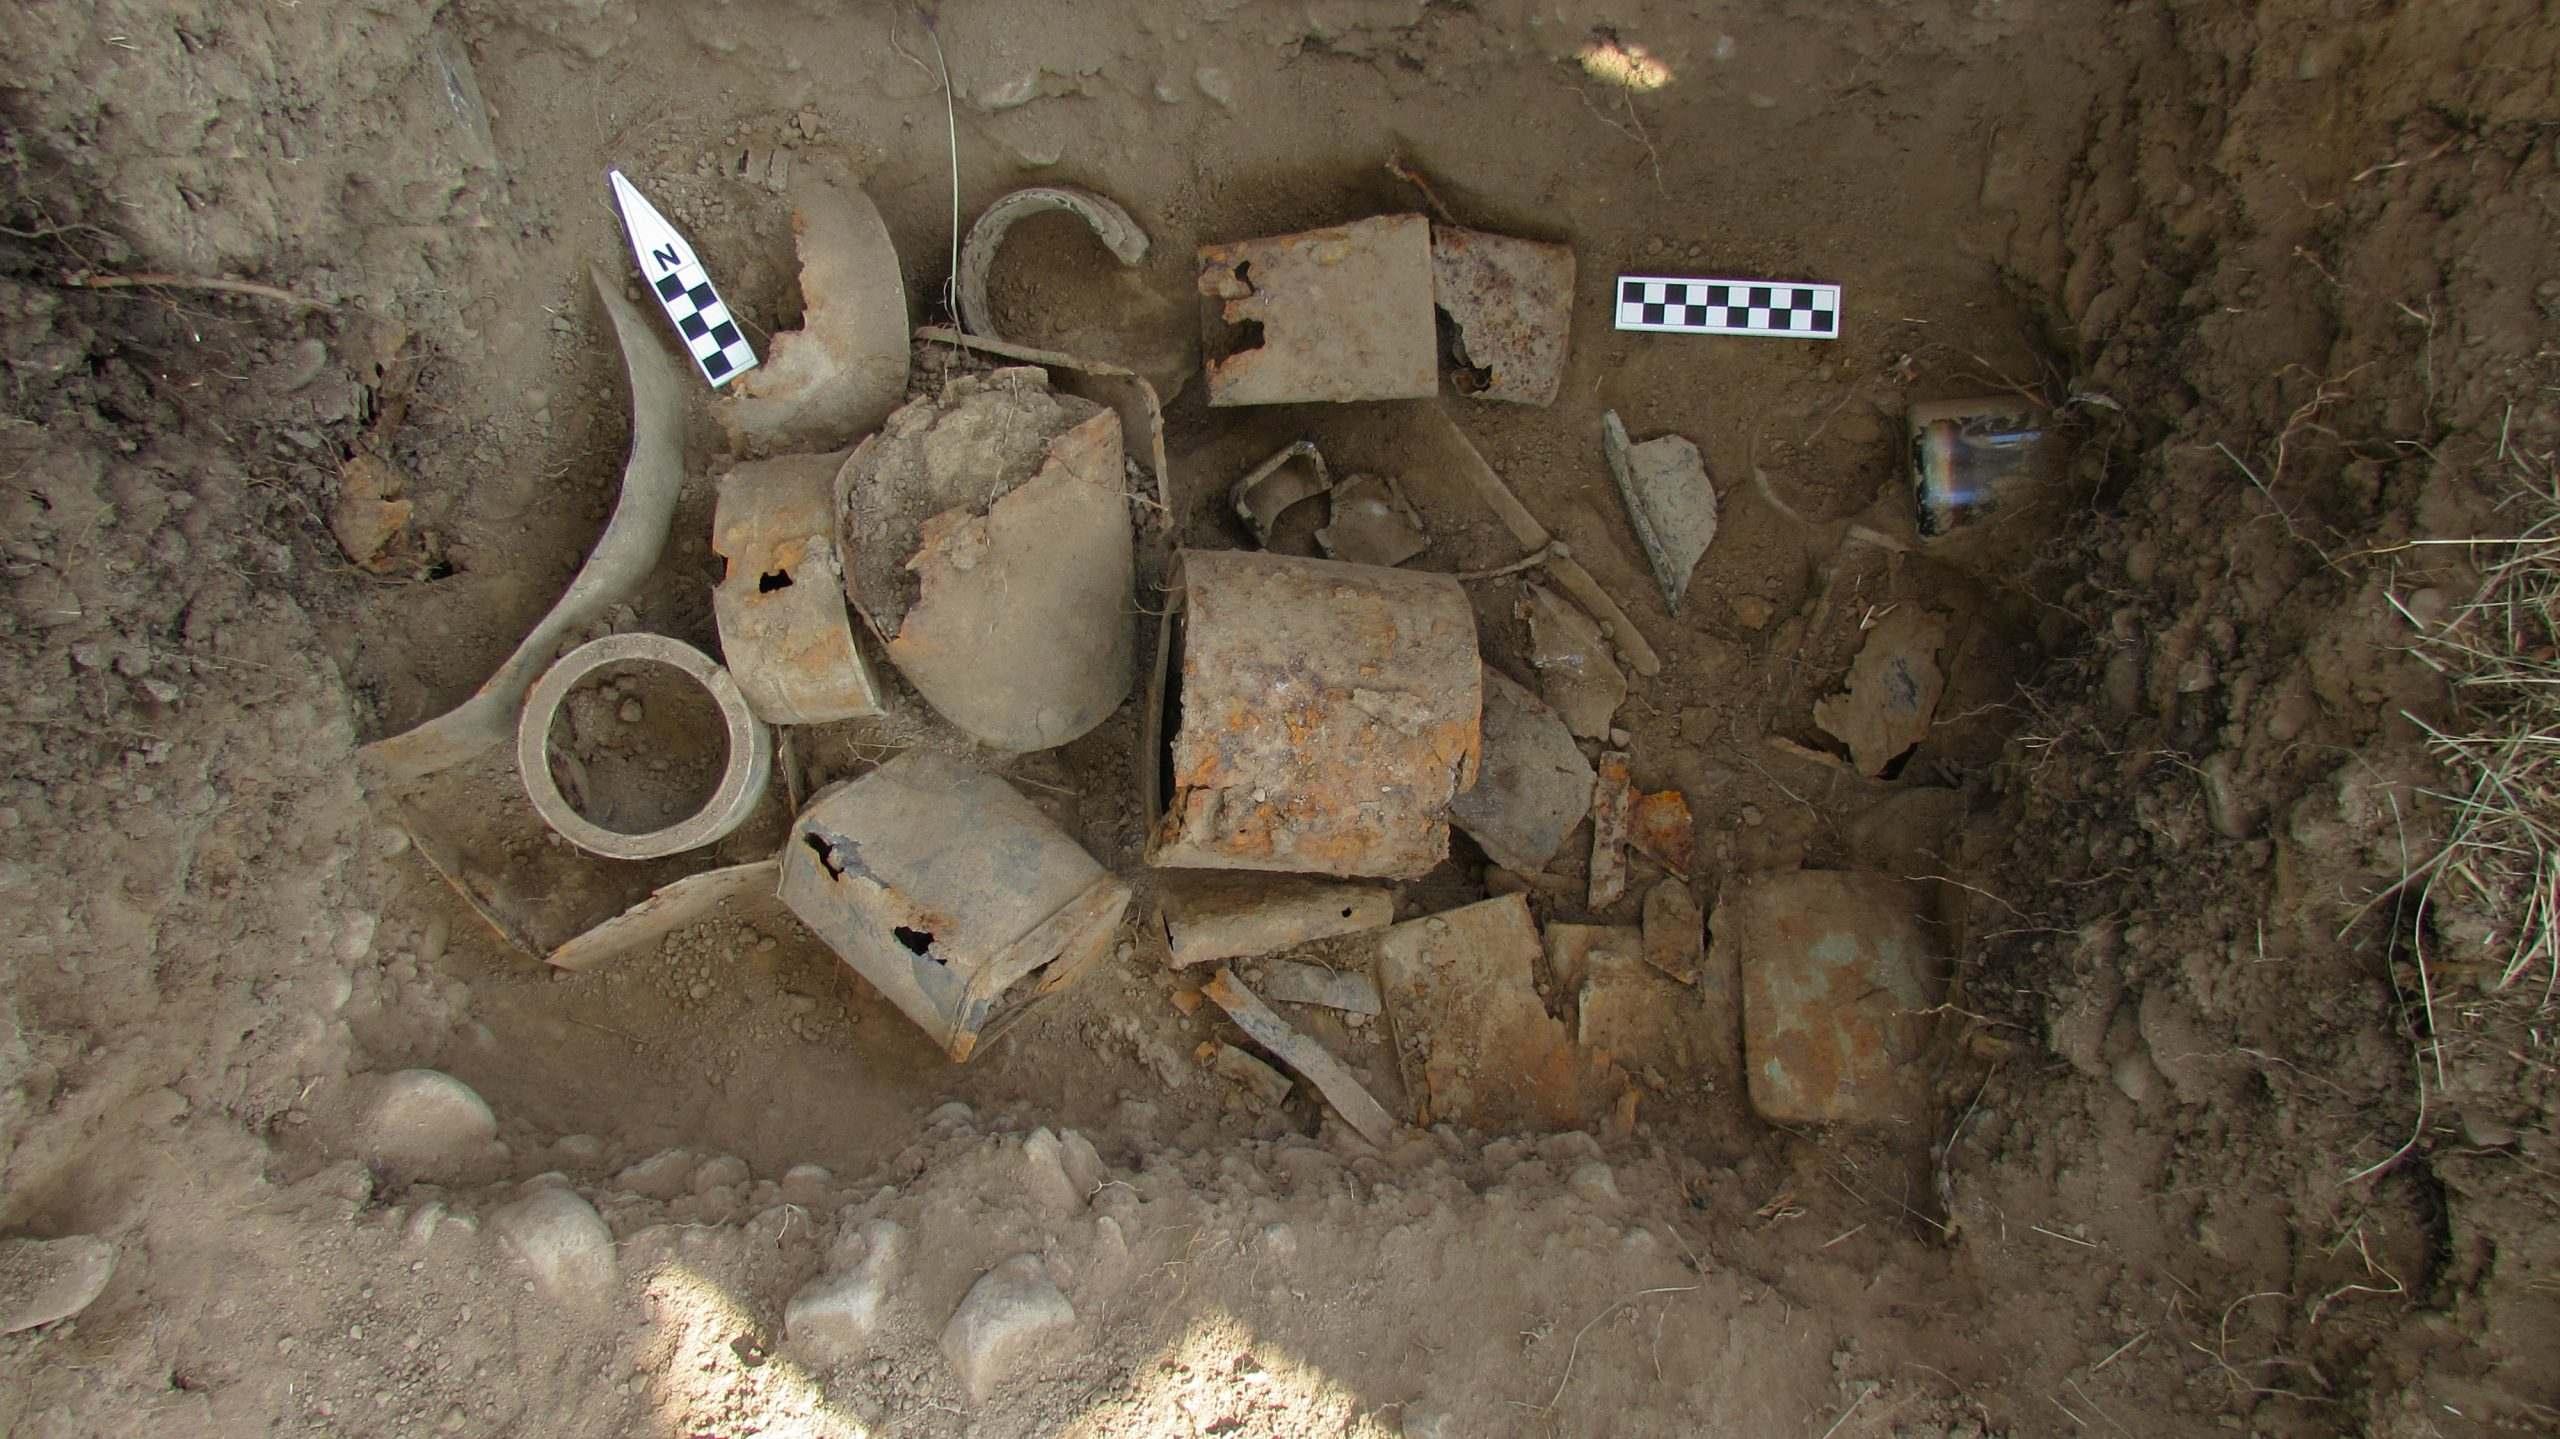 artifacts found underground using gpr scanning